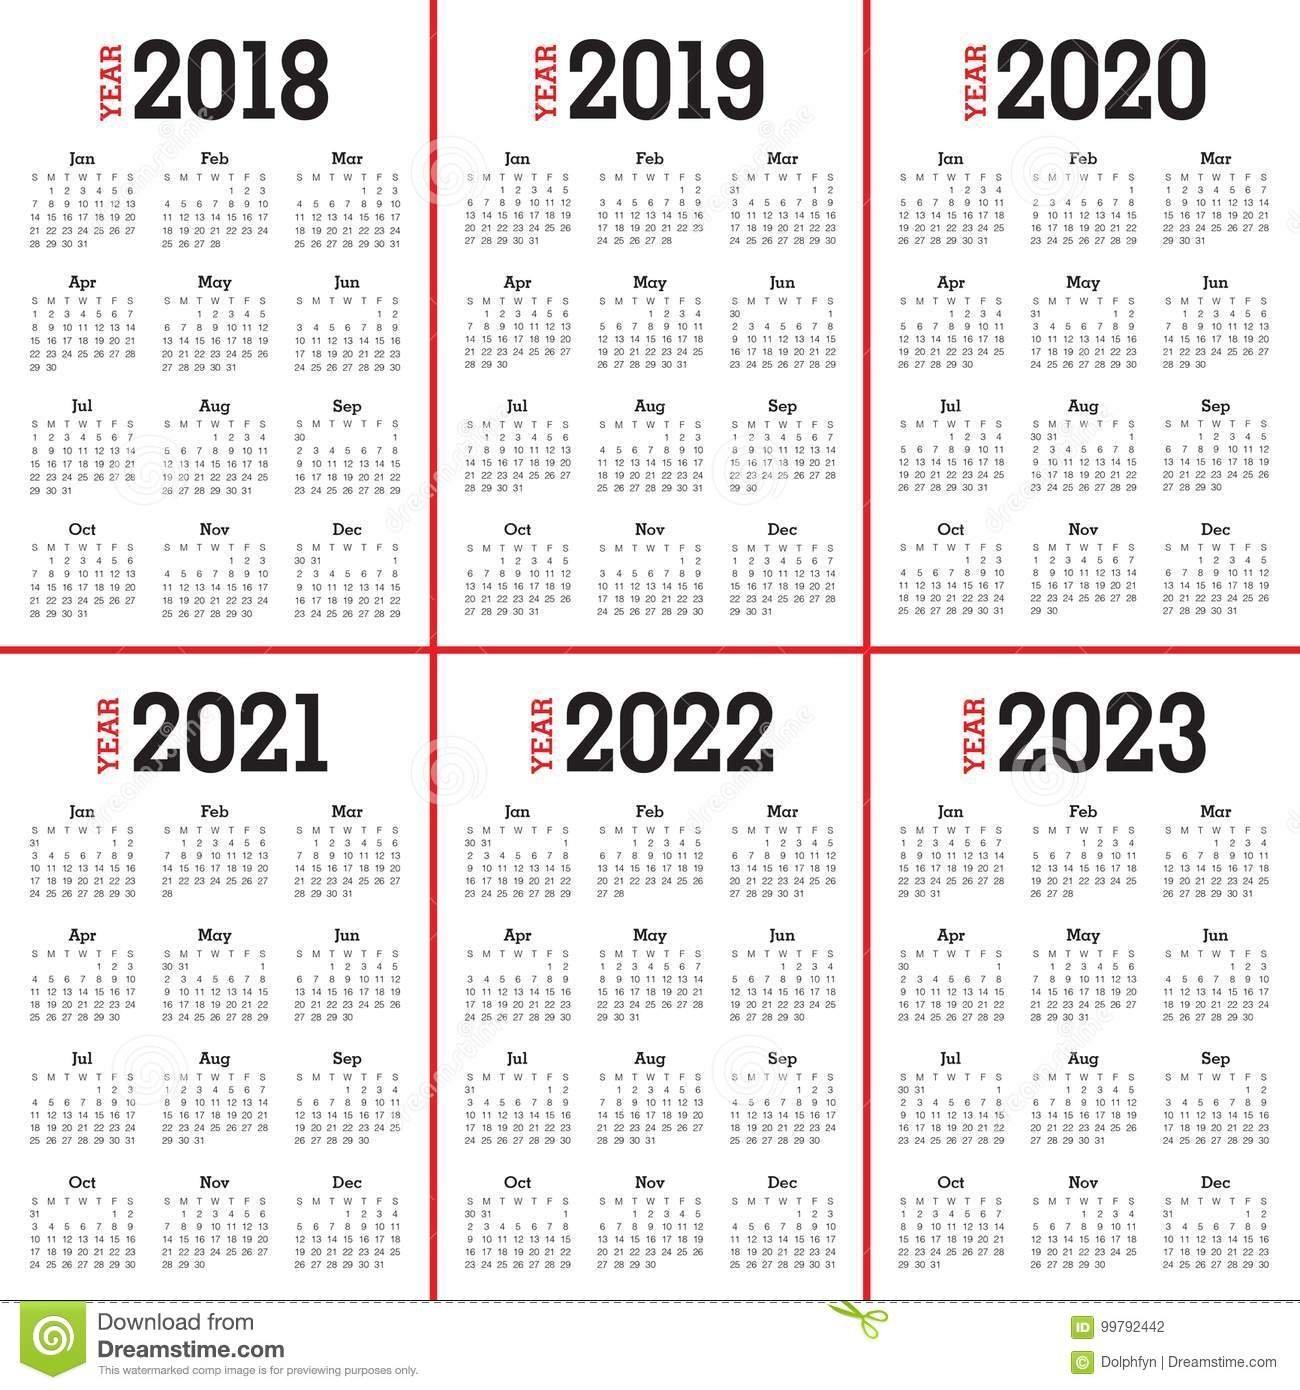 Year 2018 2019 2020 2021 2022 2023 Calendar Vector Stock Vector 4 Year Calendar 2019 To 2022